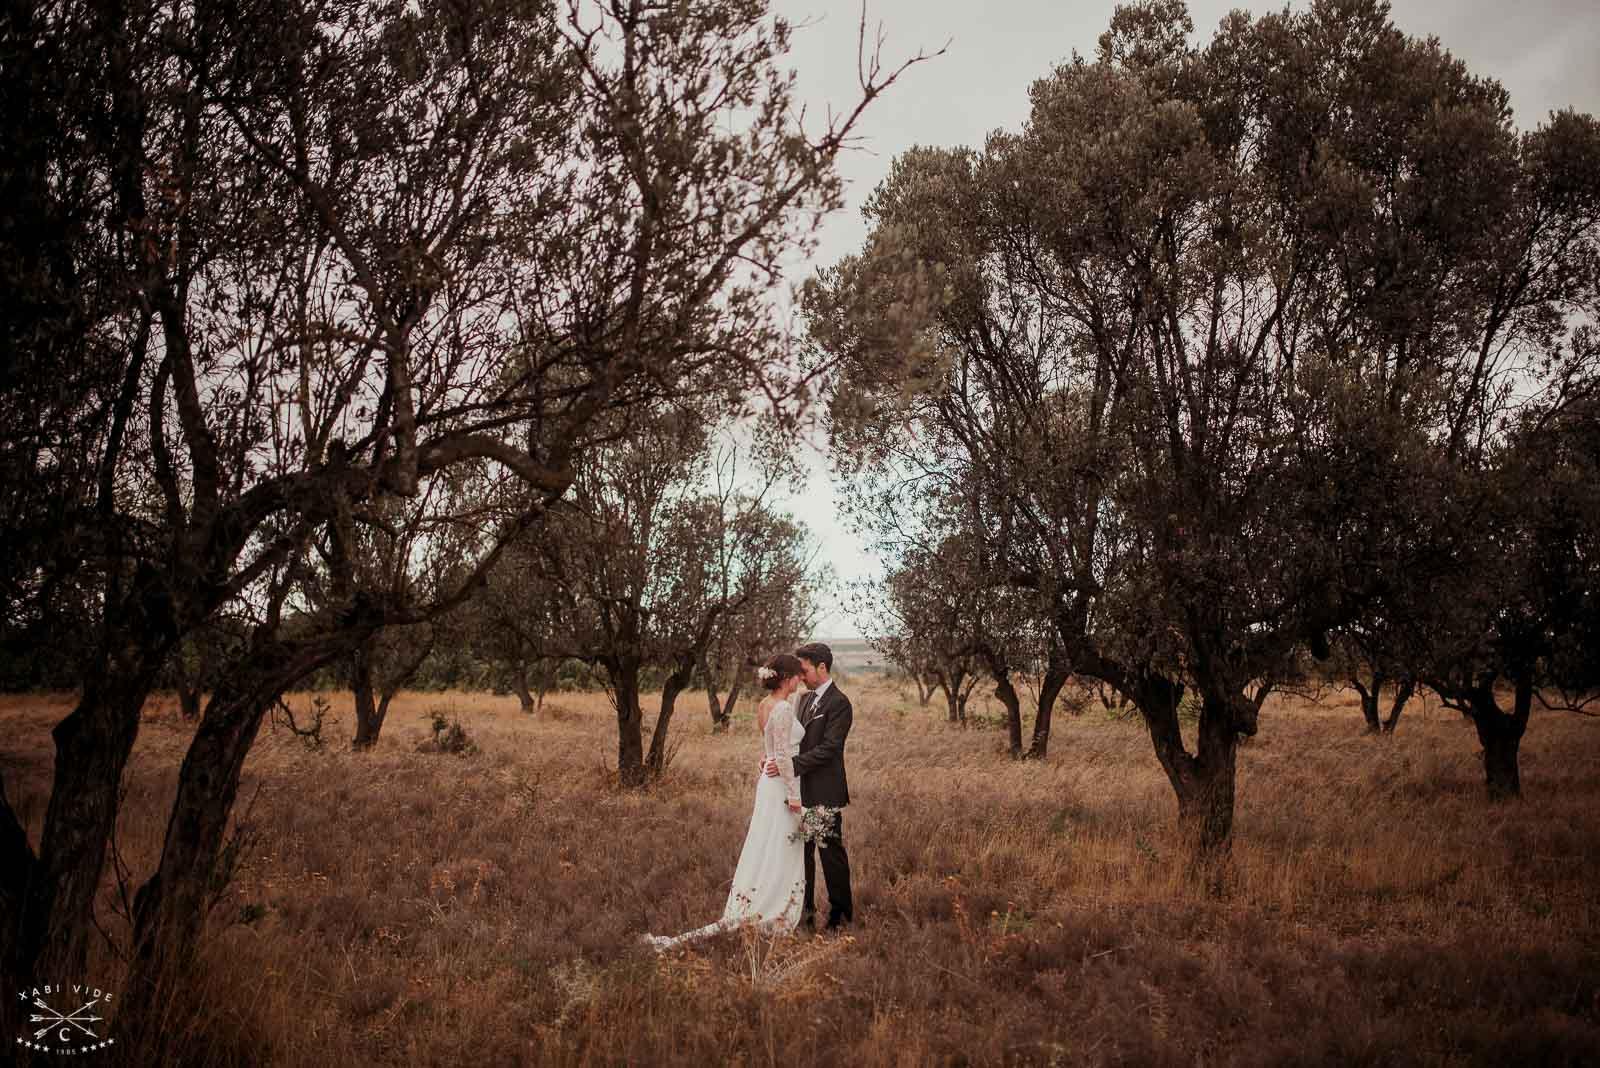 fotógrafo de bodas en calahorra-89